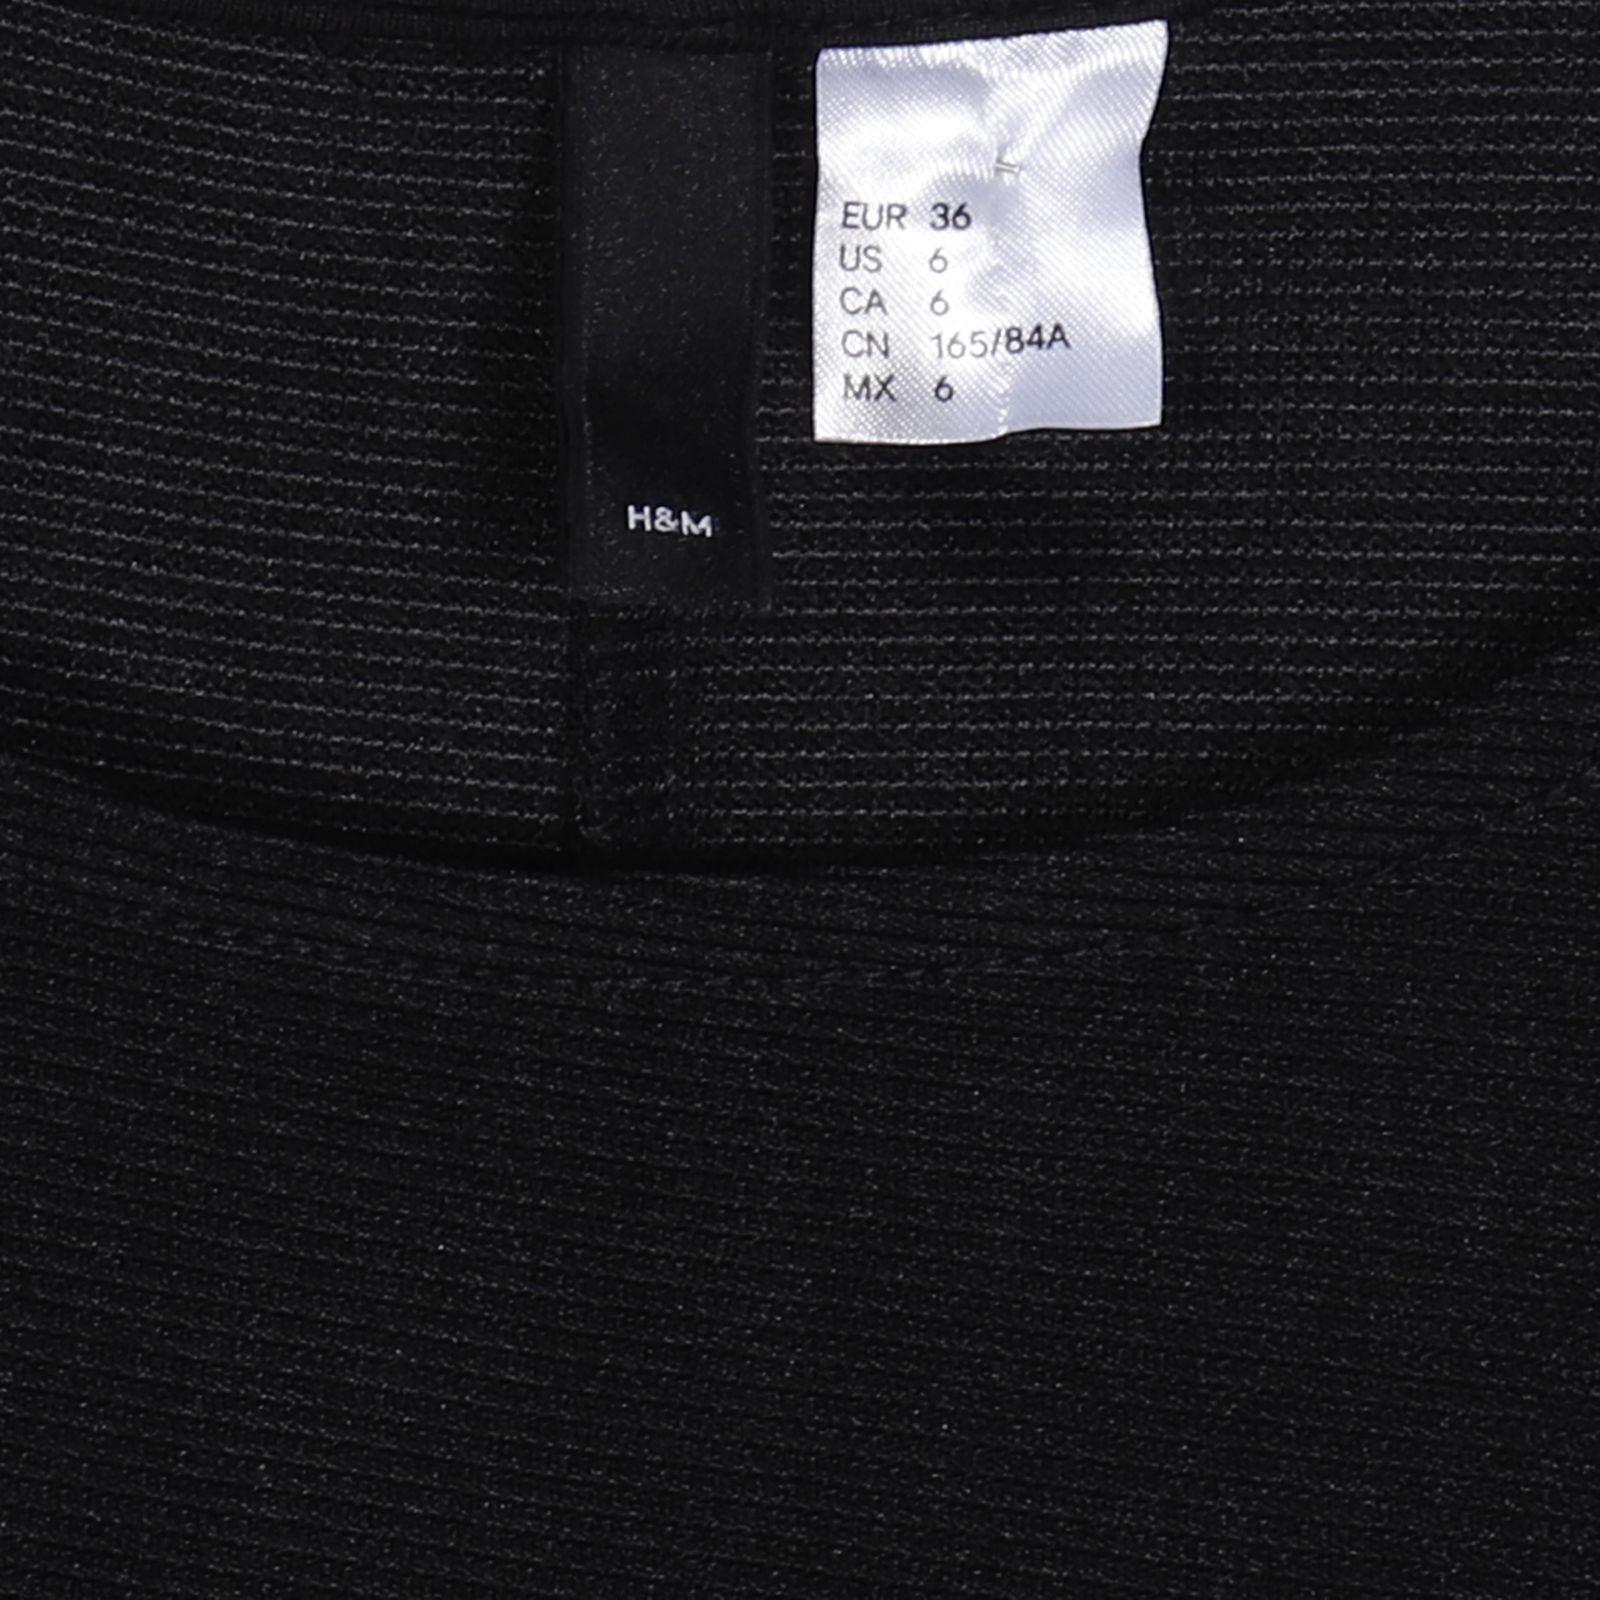 پیراهن زنانه اچ اند ام مدل 8418 -  - 4